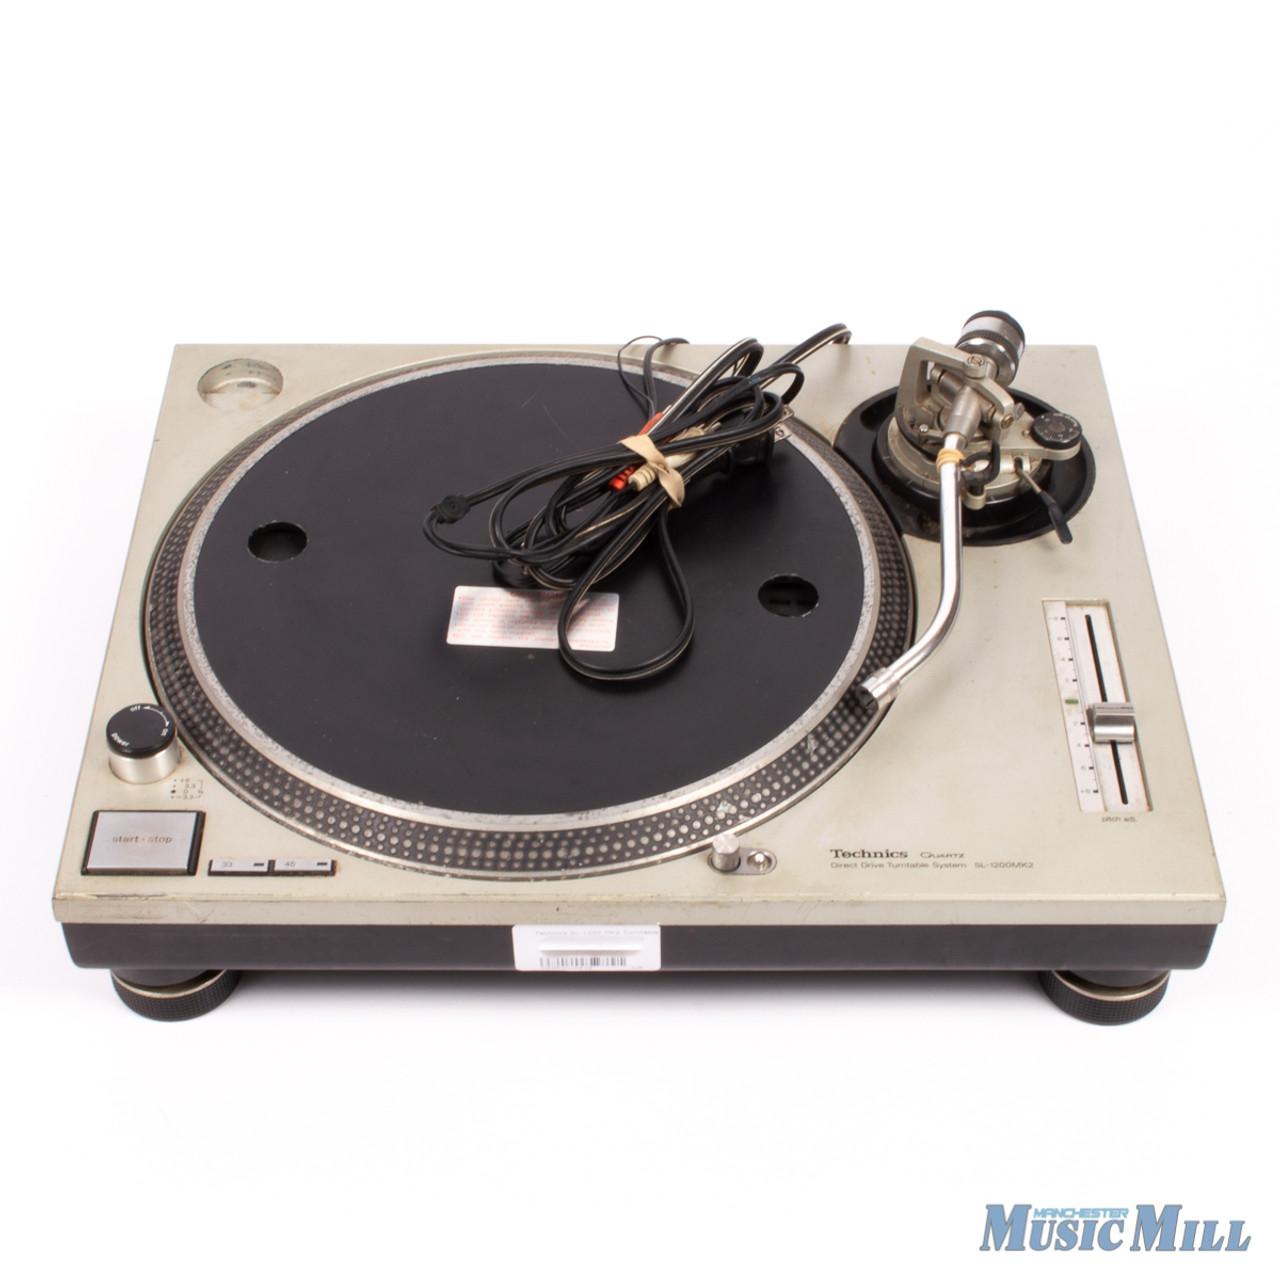 technics sl 1200mk2 manual stereo turntable used